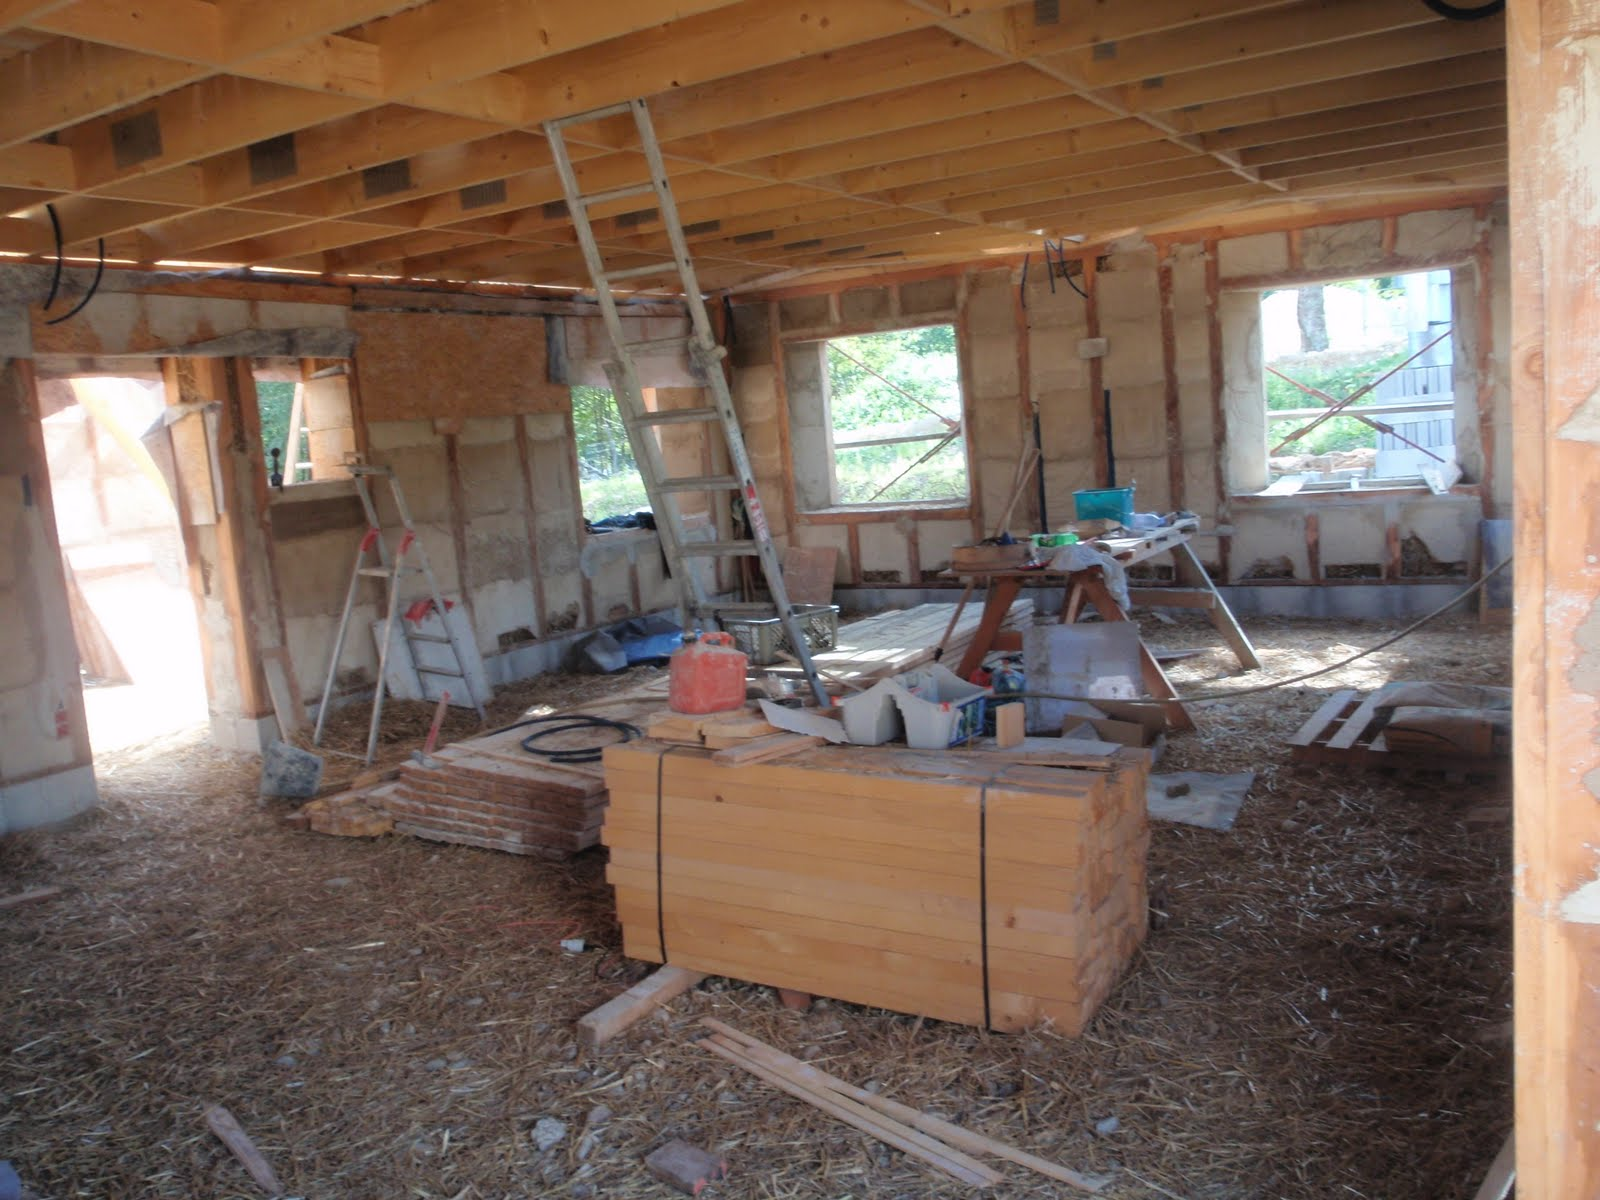 Maison en paille villaines les rochers finition des murs en paille - Acheter de la paille pour jardin ...